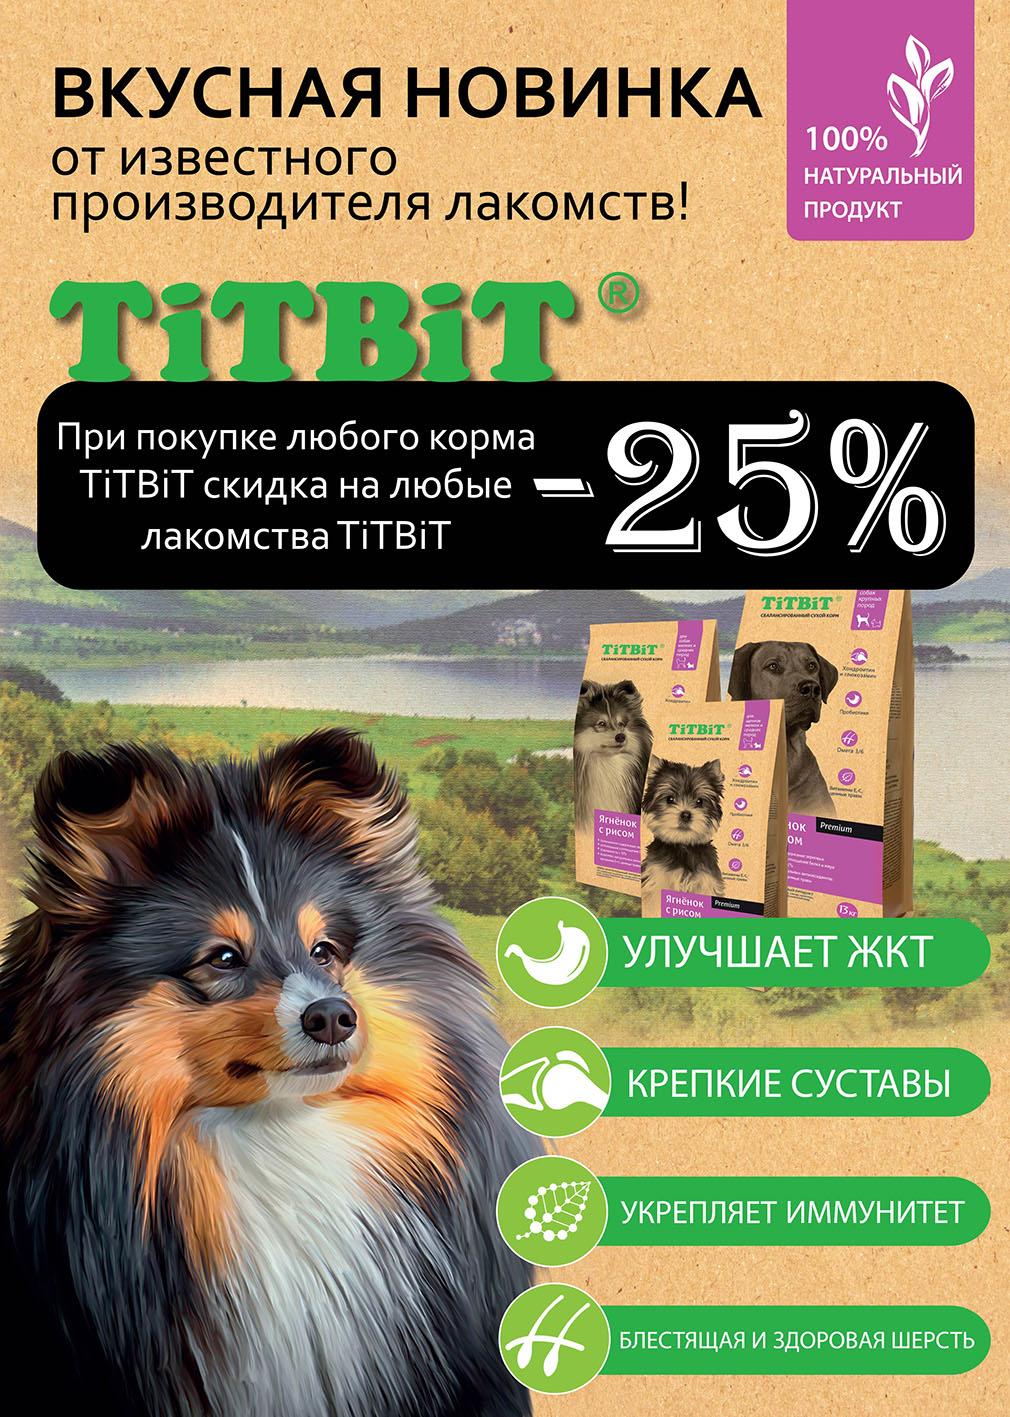 Бесплатное продвижение сайтов о собаках контекстная реклама и оптимизация сайта продвижение сайта и вывод сайтов